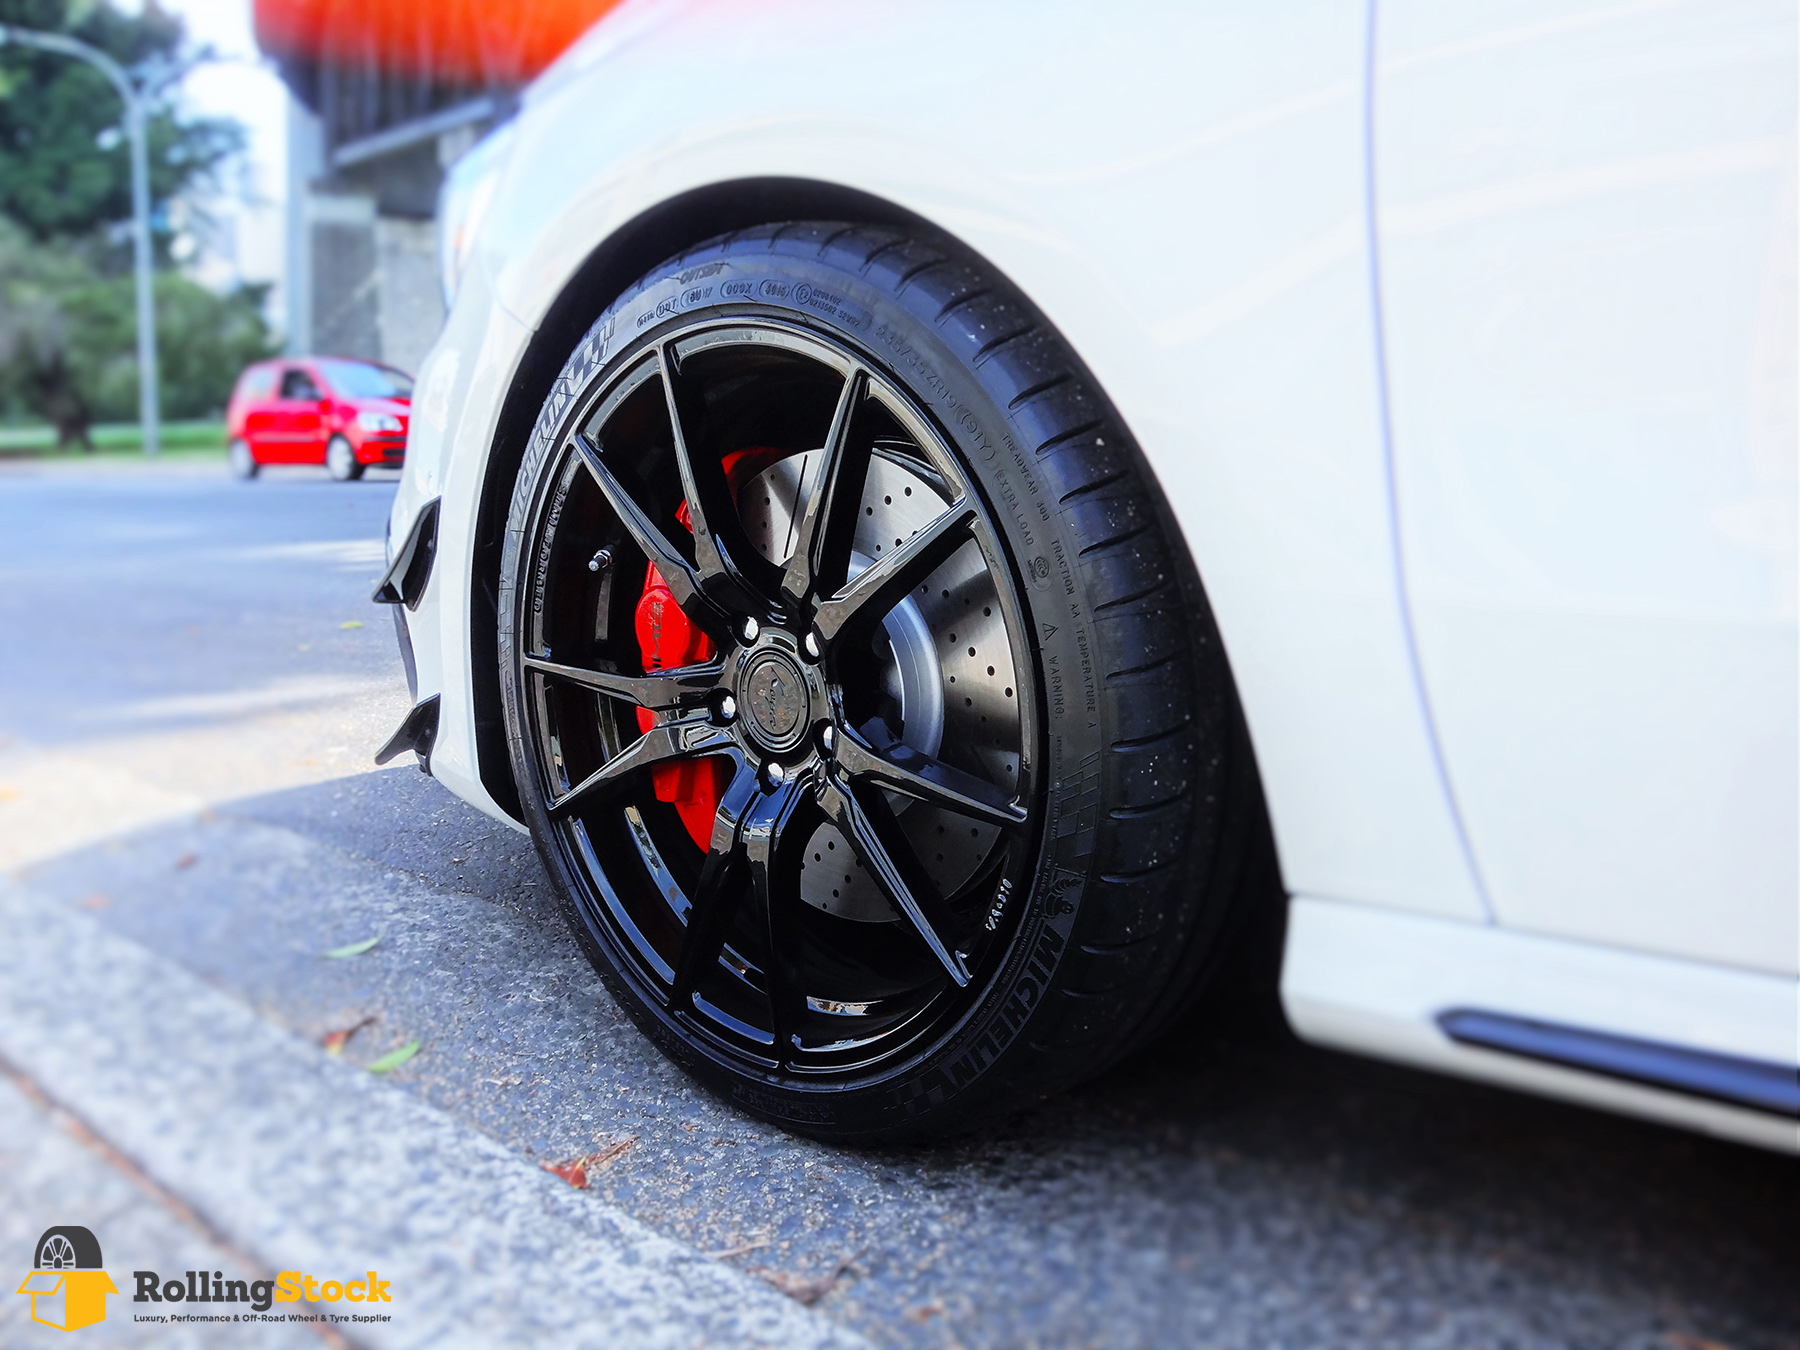 Koya Sf06 A45 Amg Wheels Rollingstock